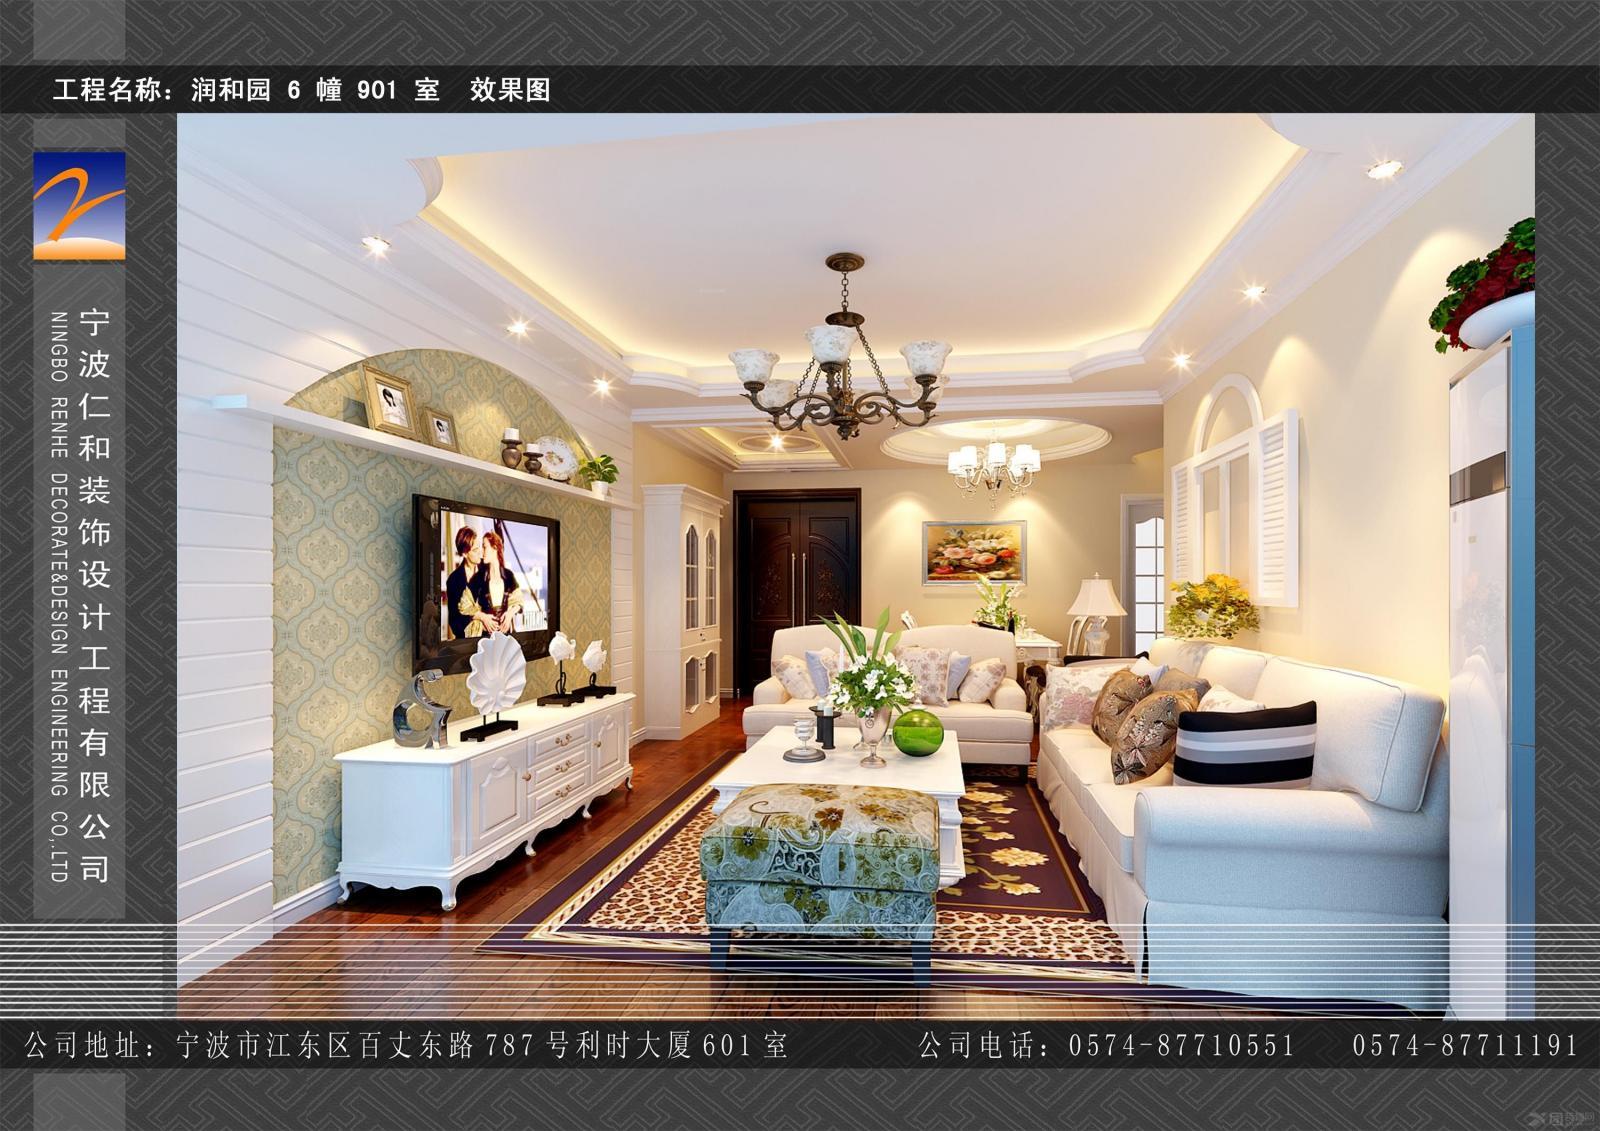 宁波江东 润和园6幢901室